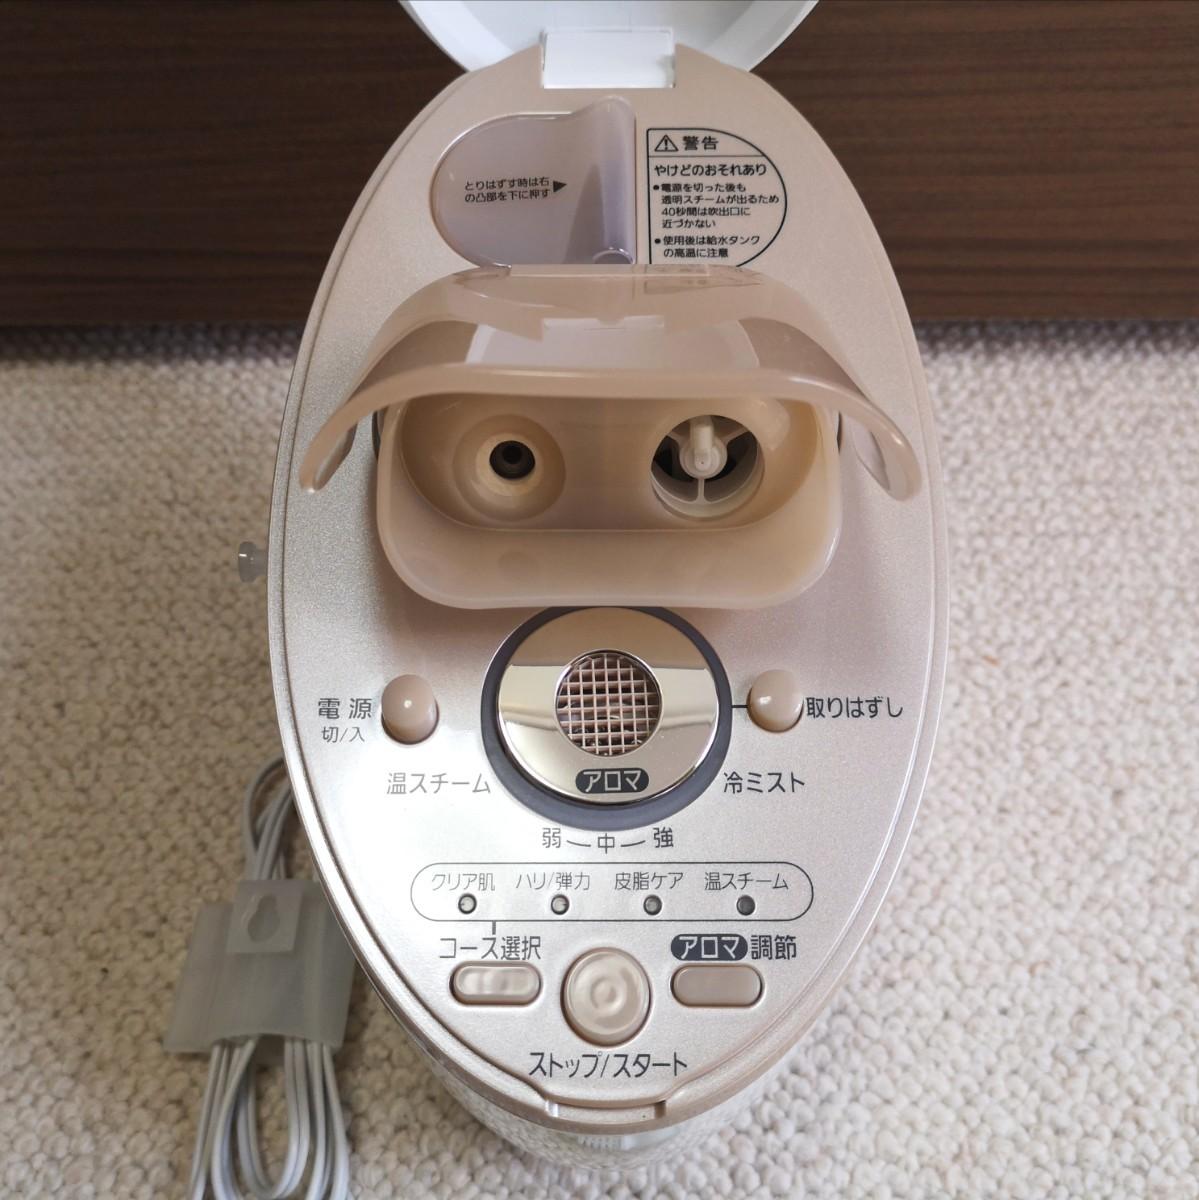 Panasonic ナノケアイオンスチーマー EH-SA90 パナソニック